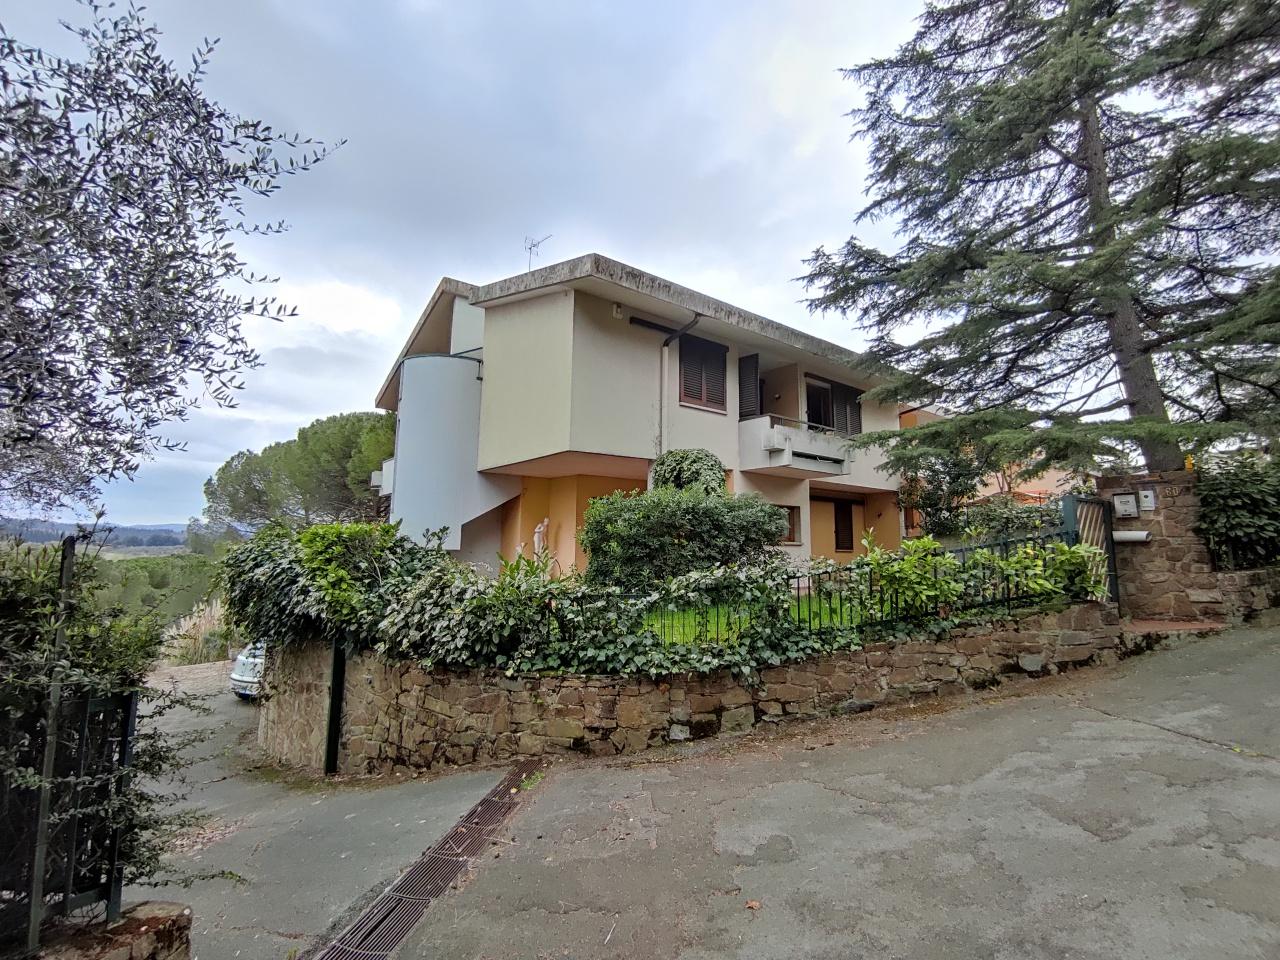 Appartamento in vendita a Greve in Chianti, 6 locali, prezzo € 730.000 | PortaleAgenzieImmobiliari.it